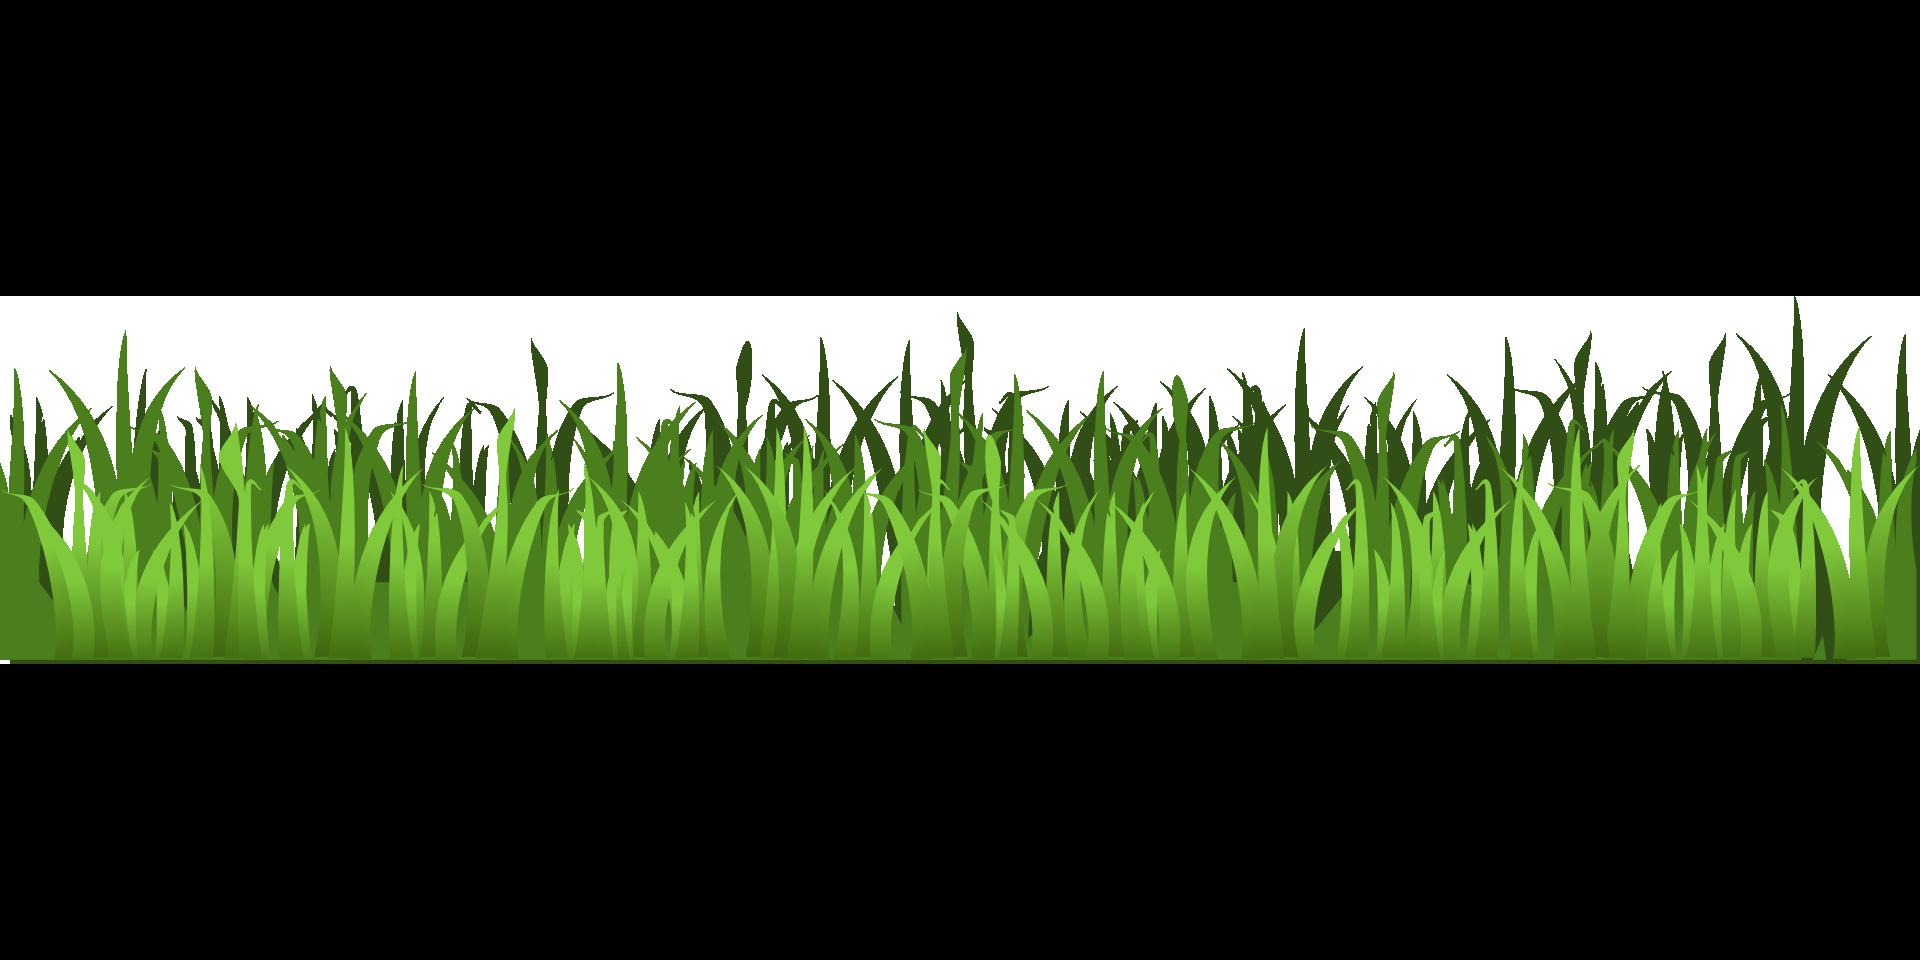 Meadow Green Grass Clipart.